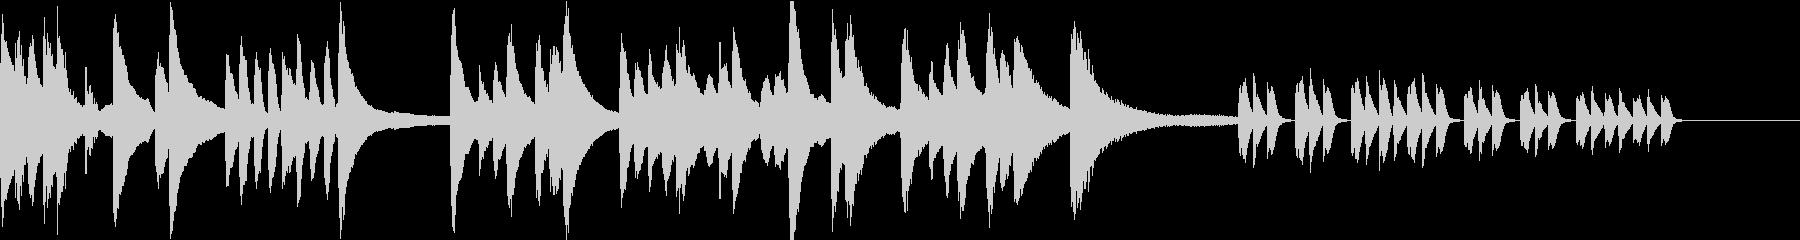 徐々に怪しくなるピアノソロBGMの未再生の波形